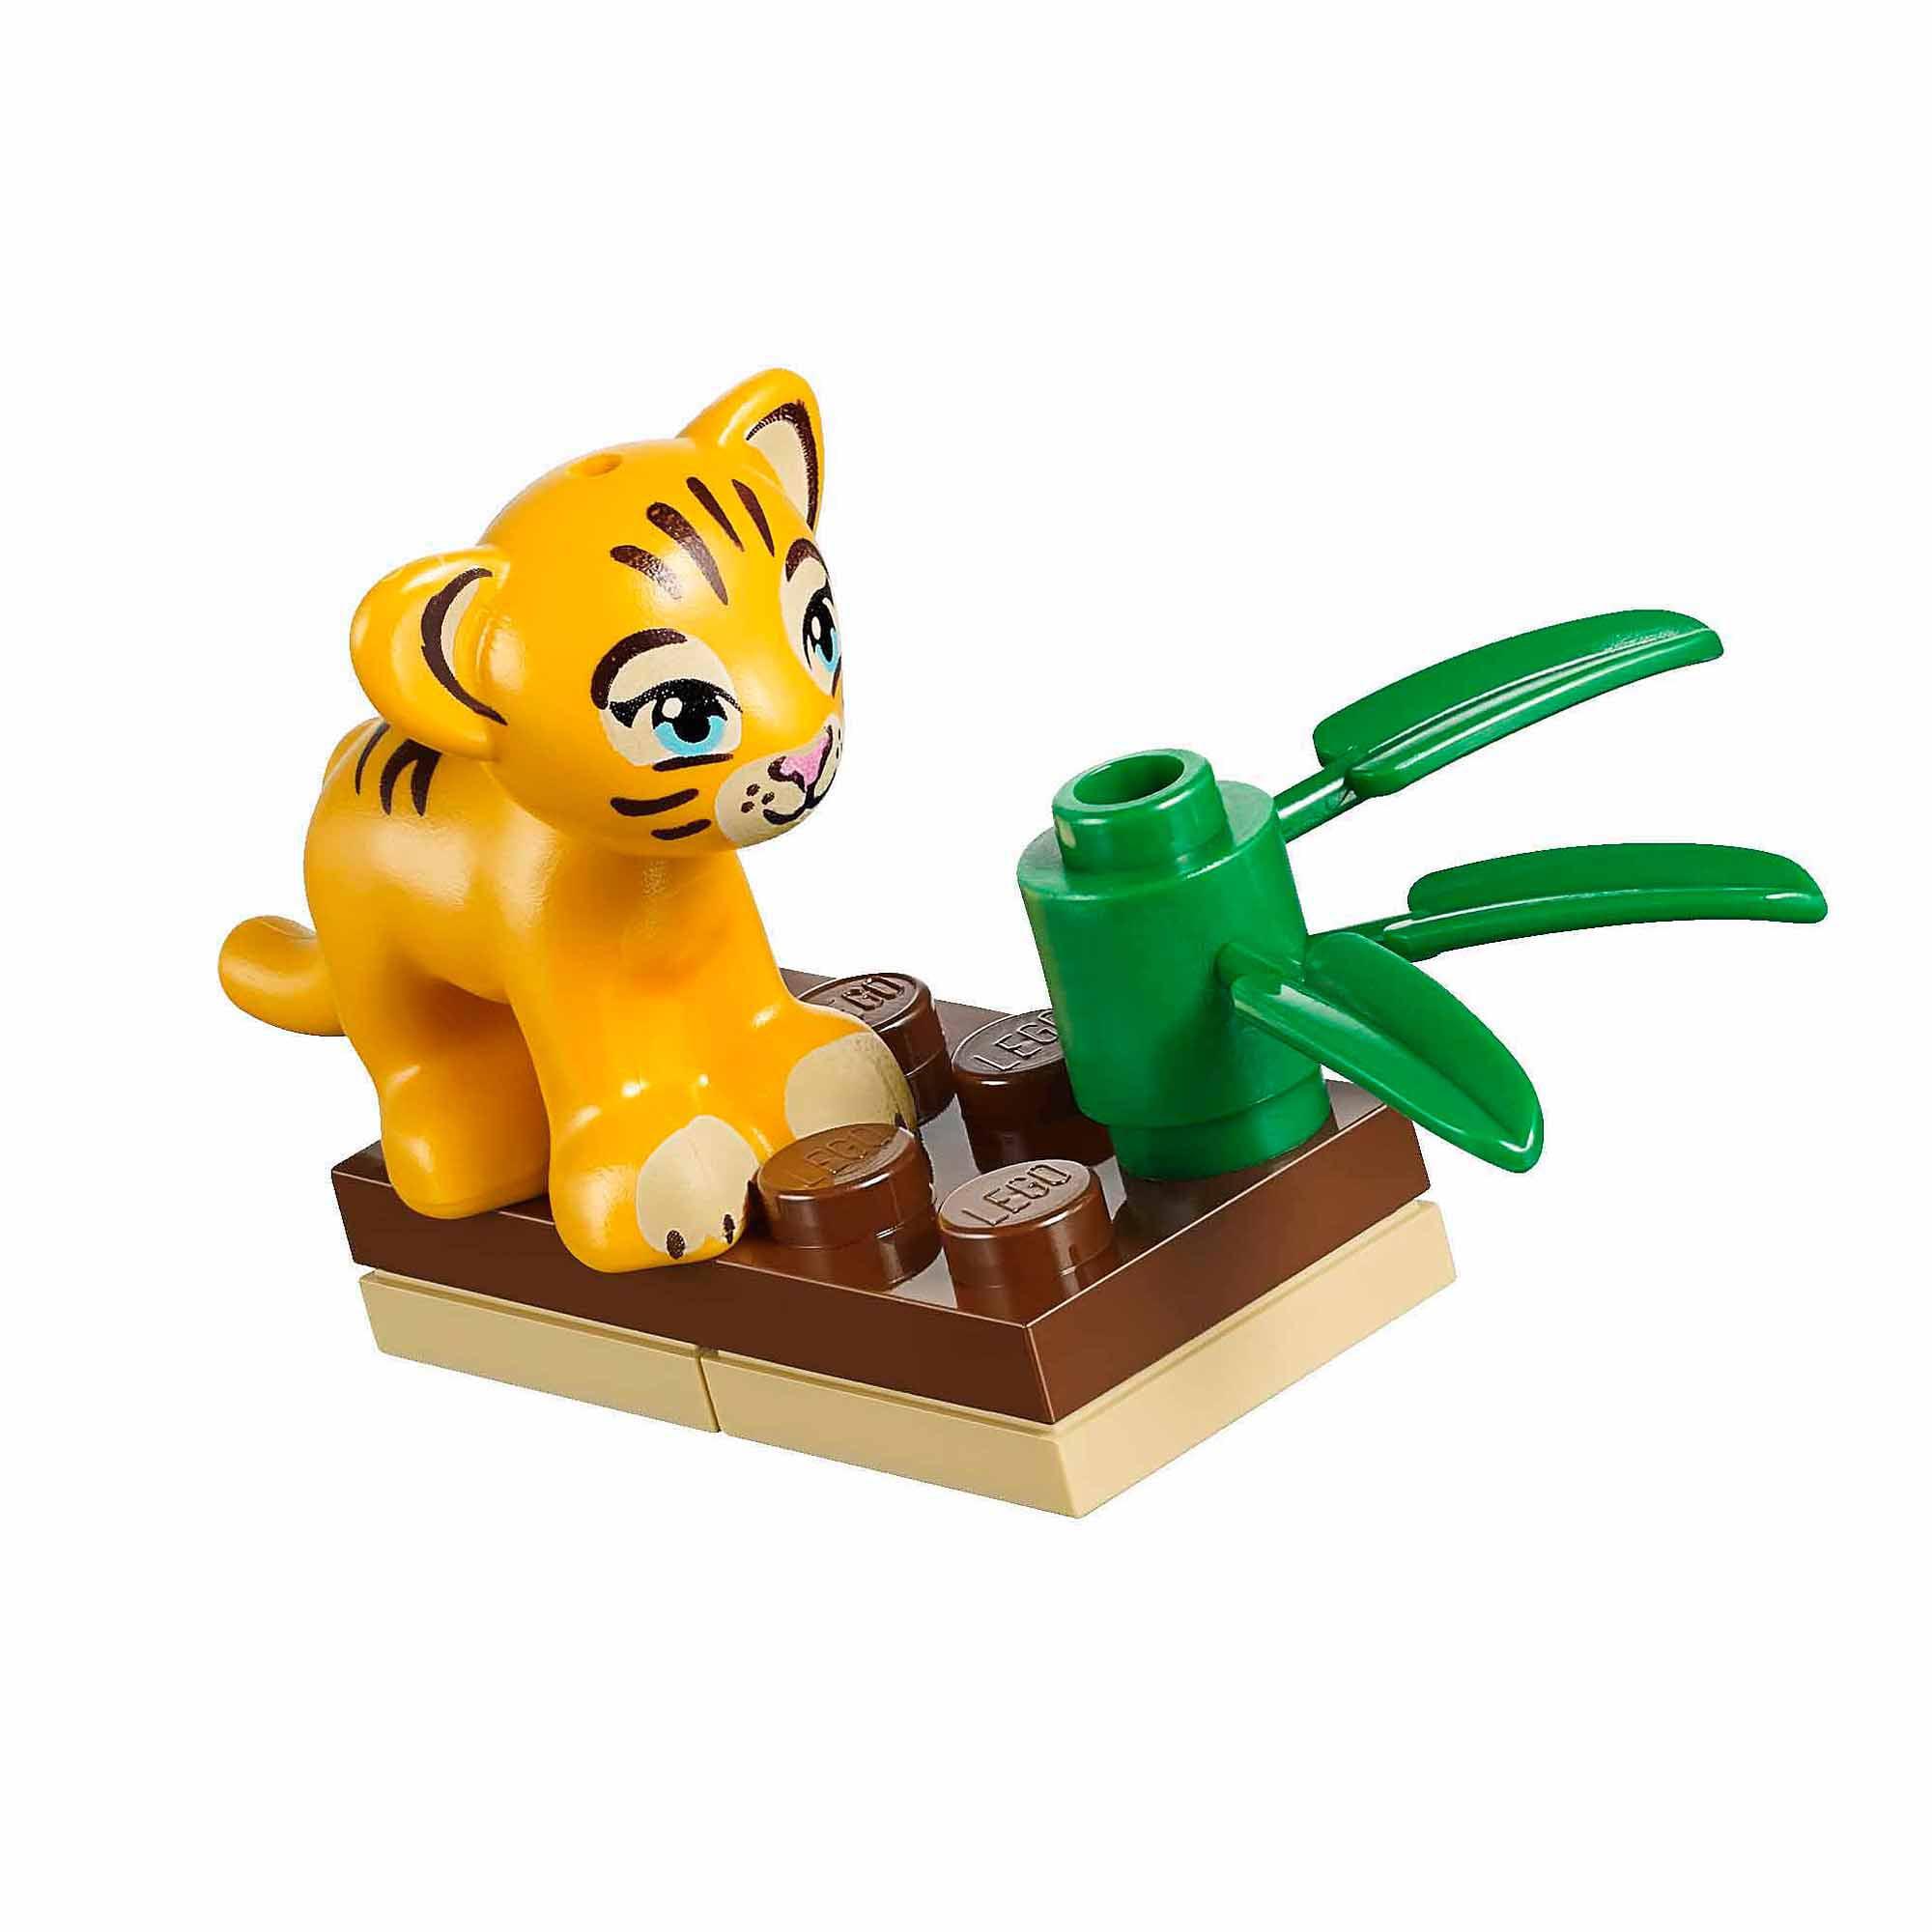 LEGO Friends Jungle Falls Rescue - Walmart.com